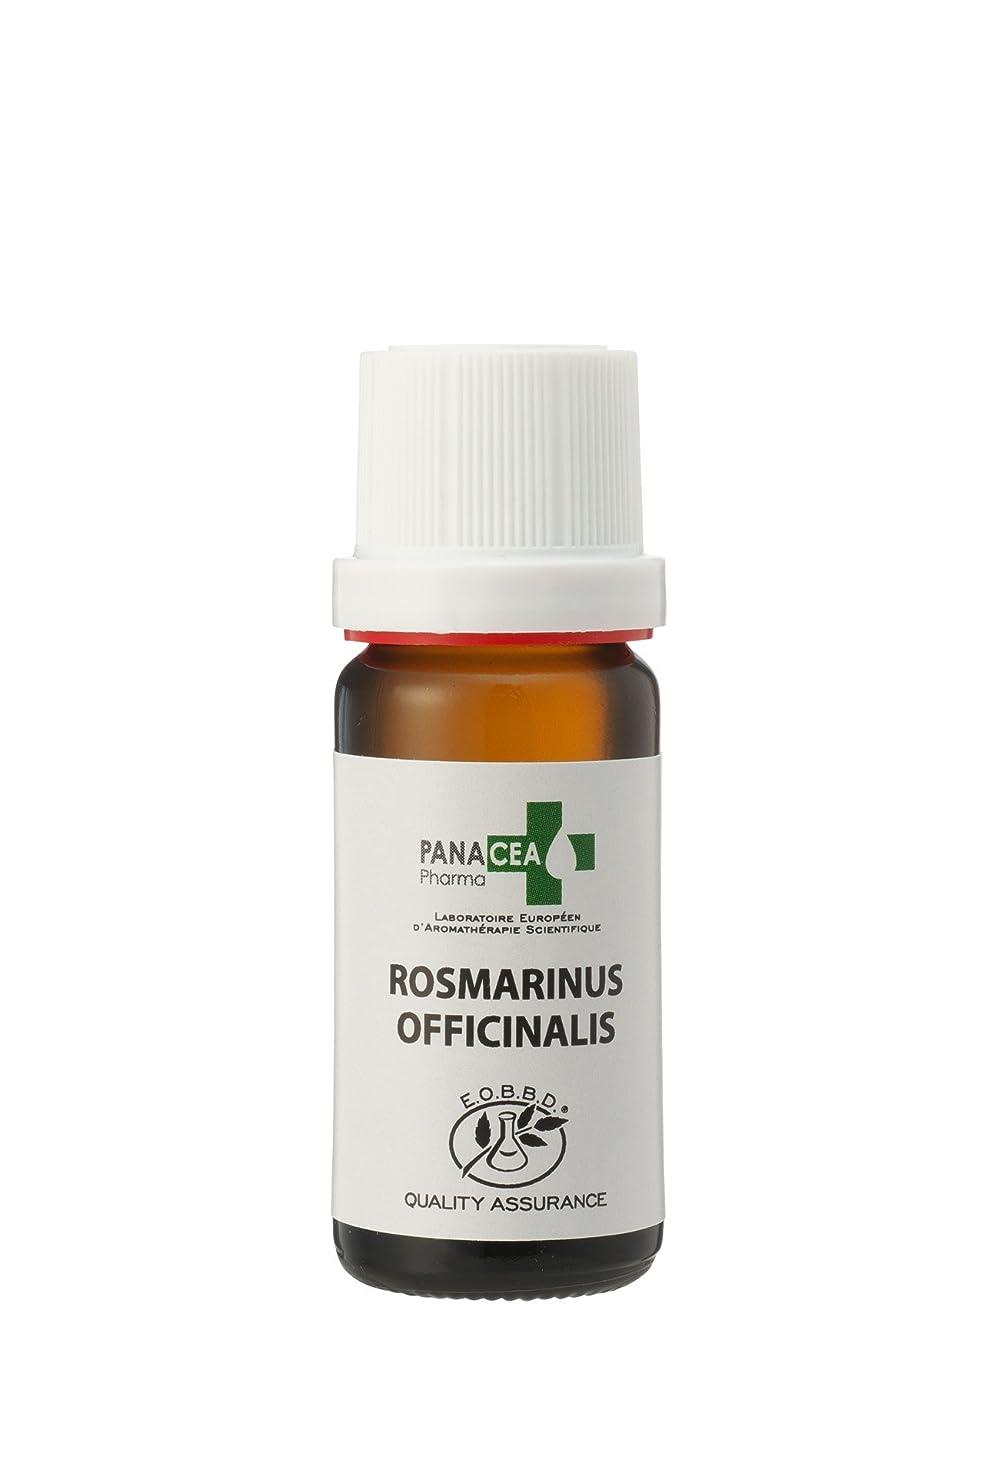 膜障害ブームローズマリー シネオール (Rosmarinus officinalis) 10ml エッセンシャルオイル PANACEA PHARMA パナセア ファルマ